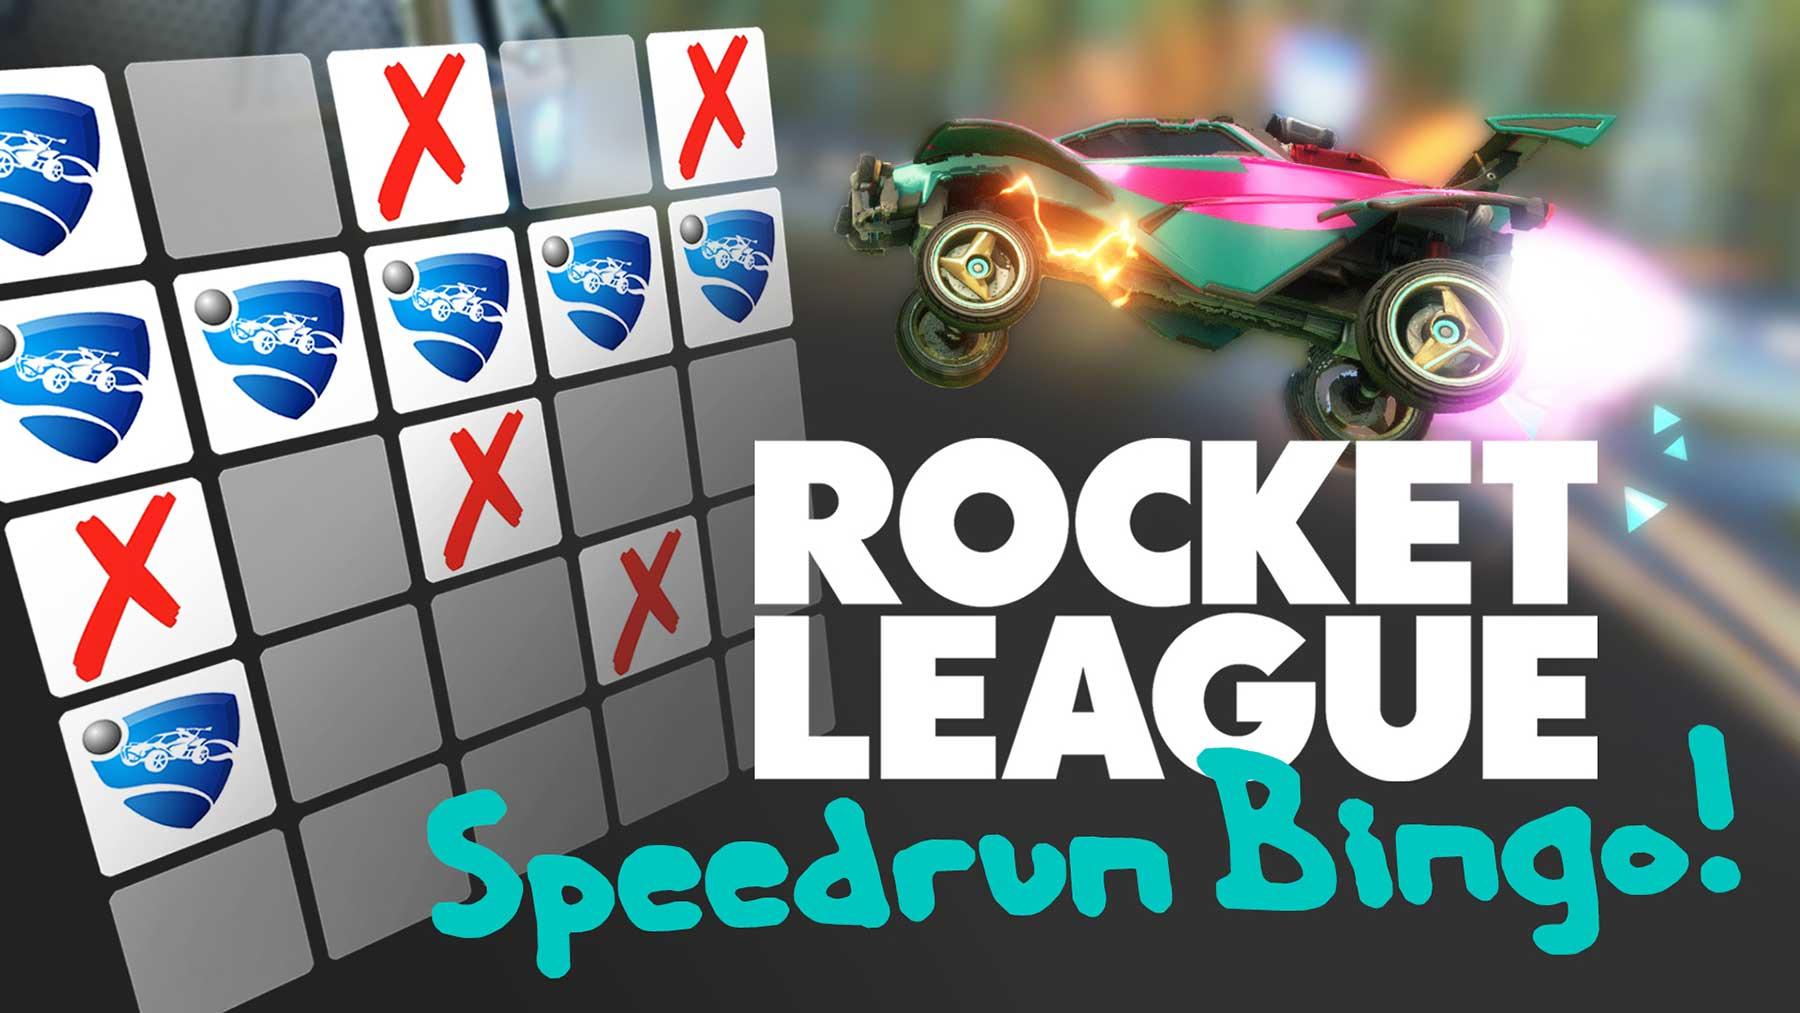 Rocket League Speedrun Bingo